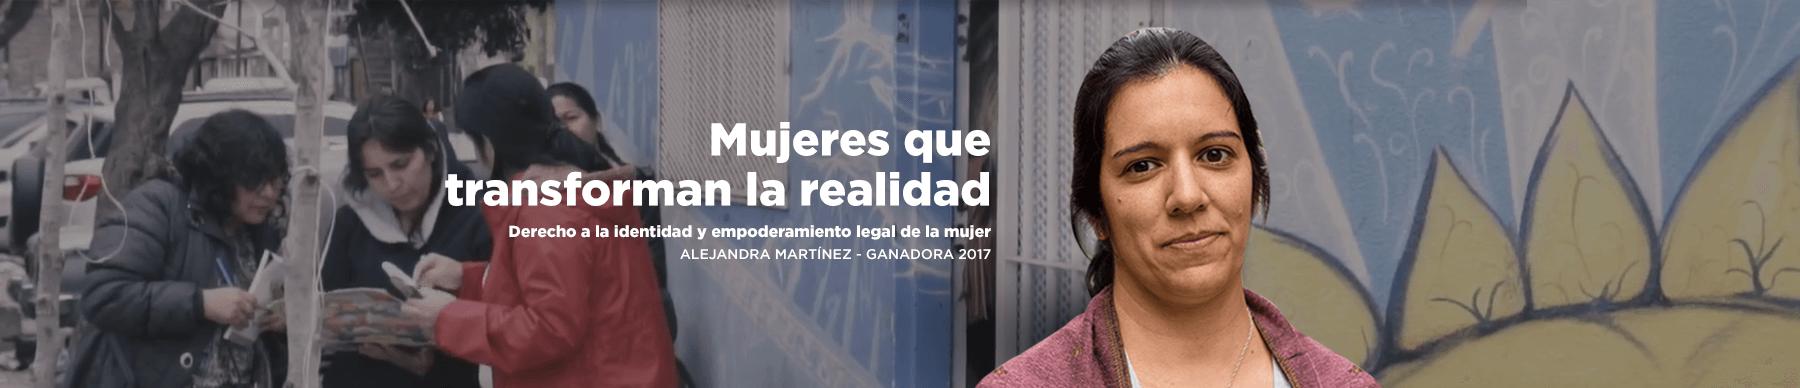 Mujeres que transforman la realidad